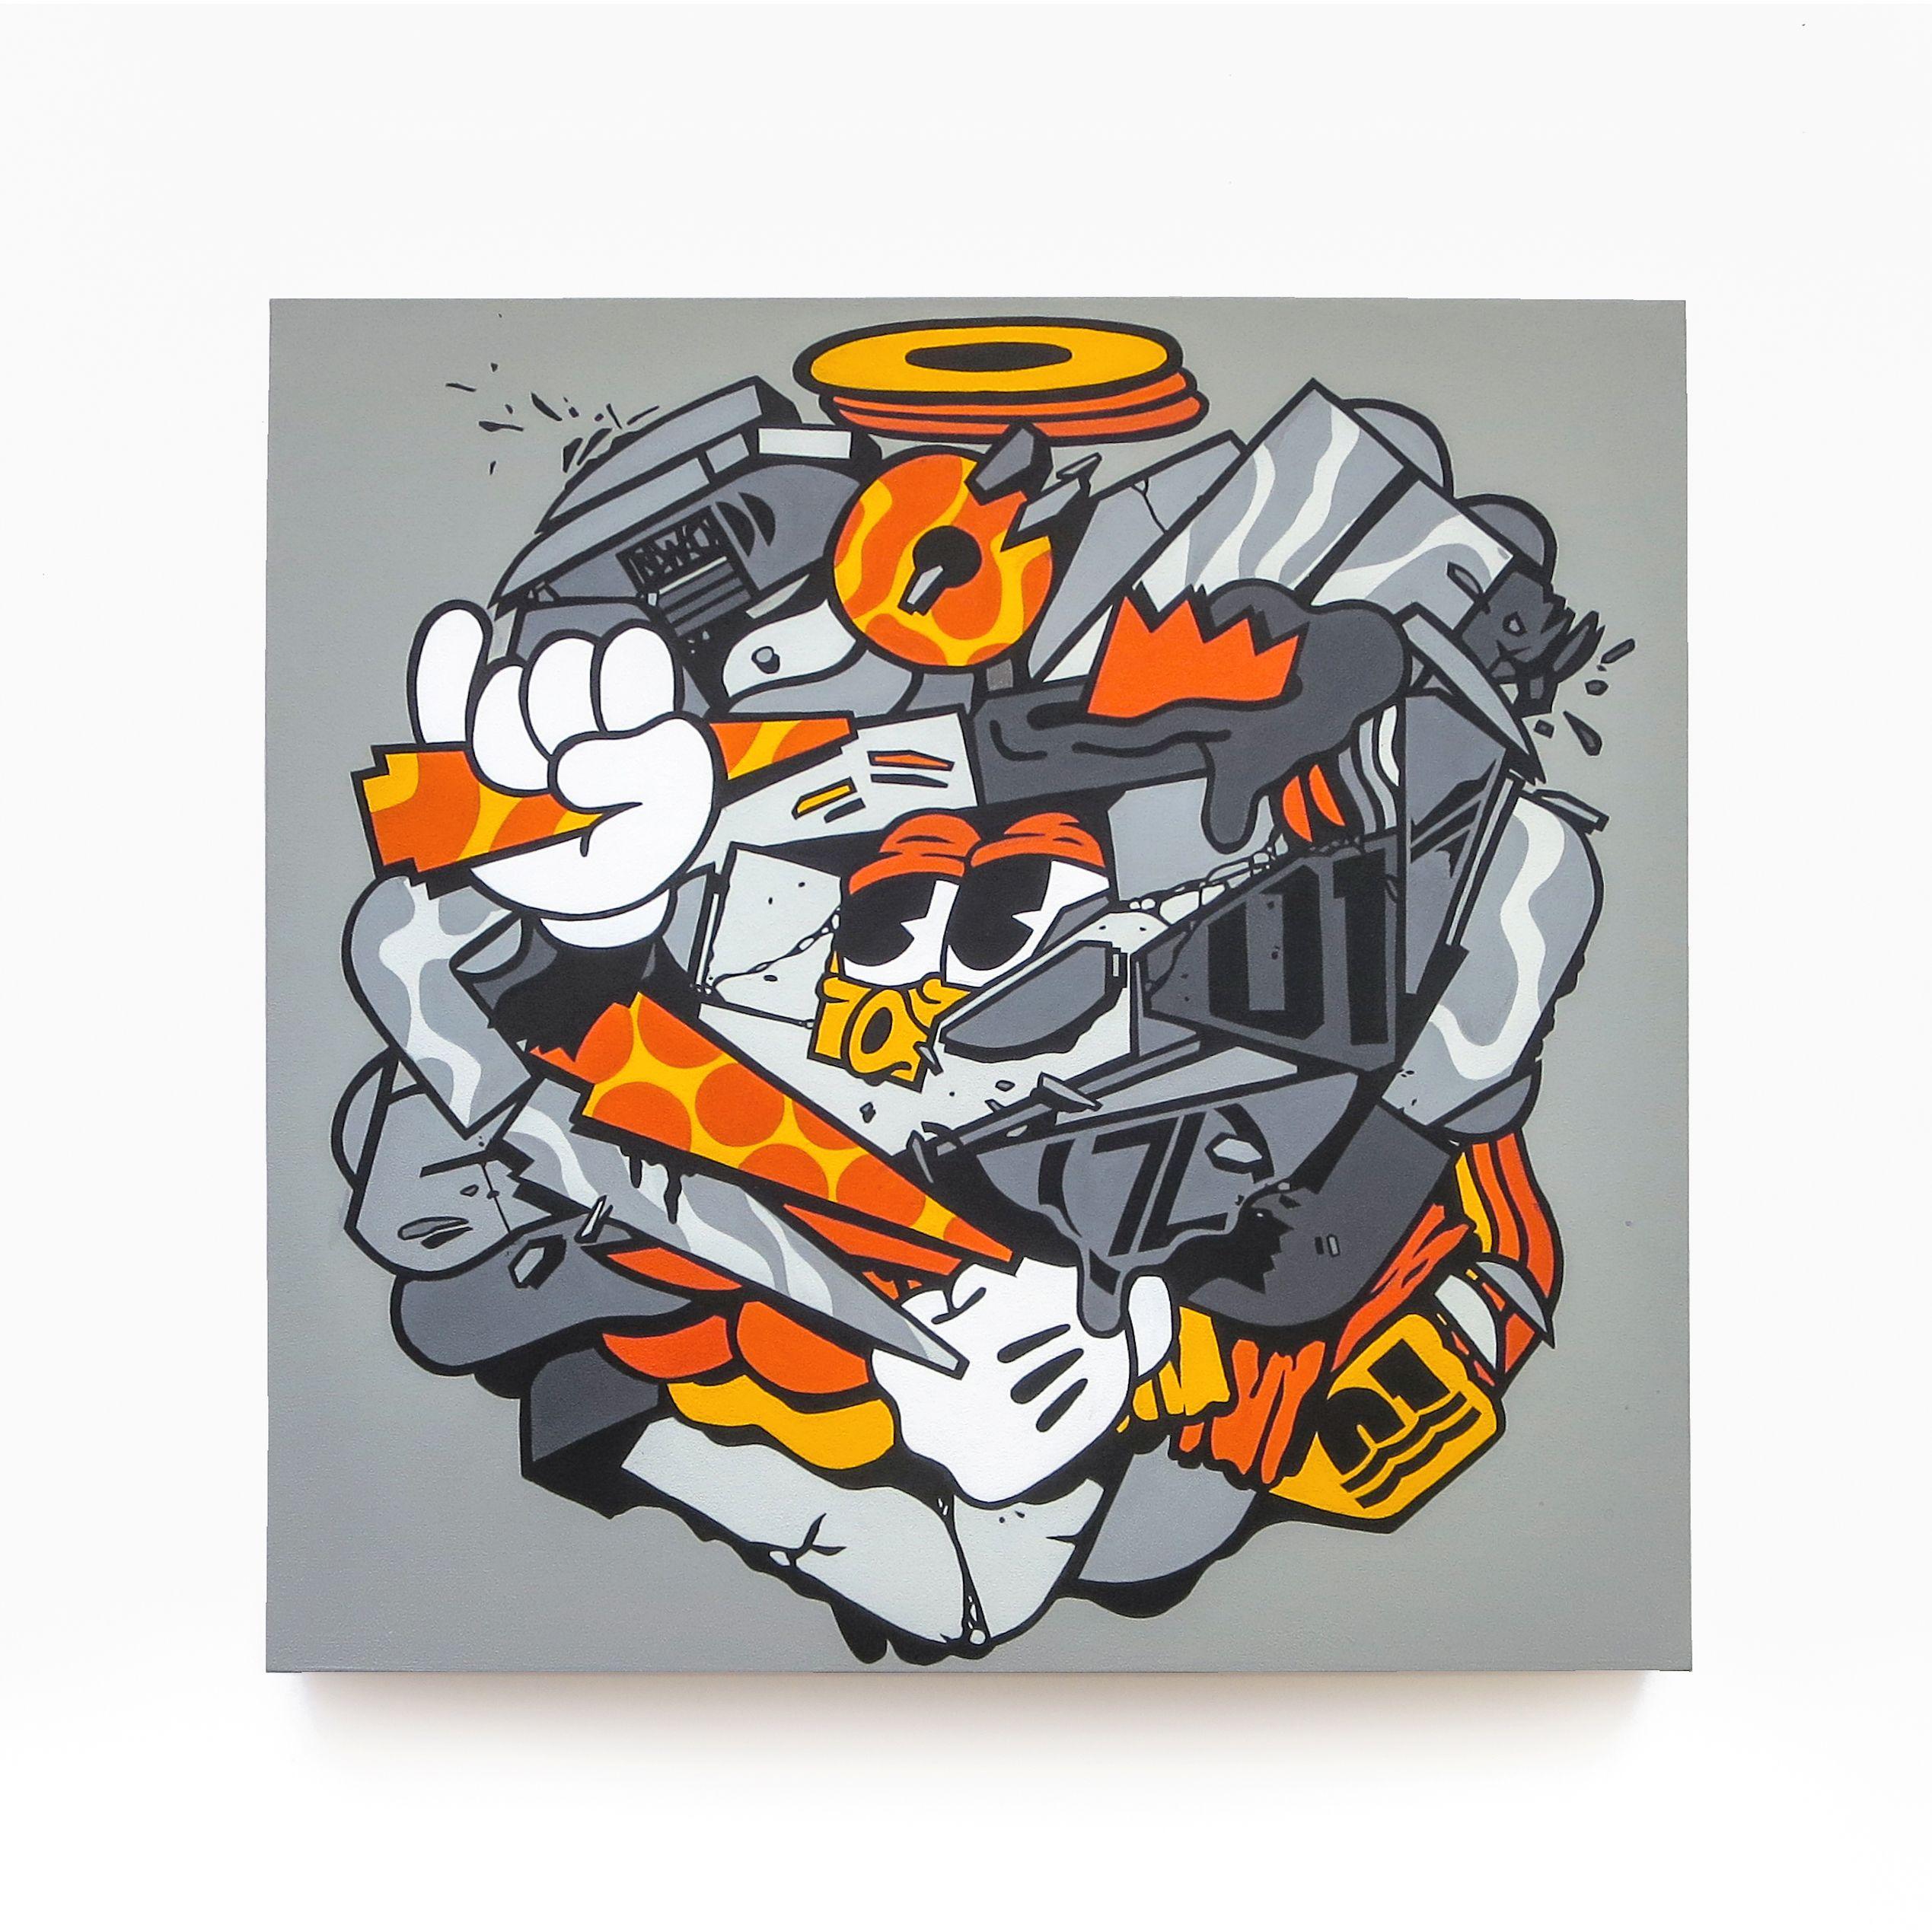 Graffiti - 123Klan - Bandit1$M - Streetwear